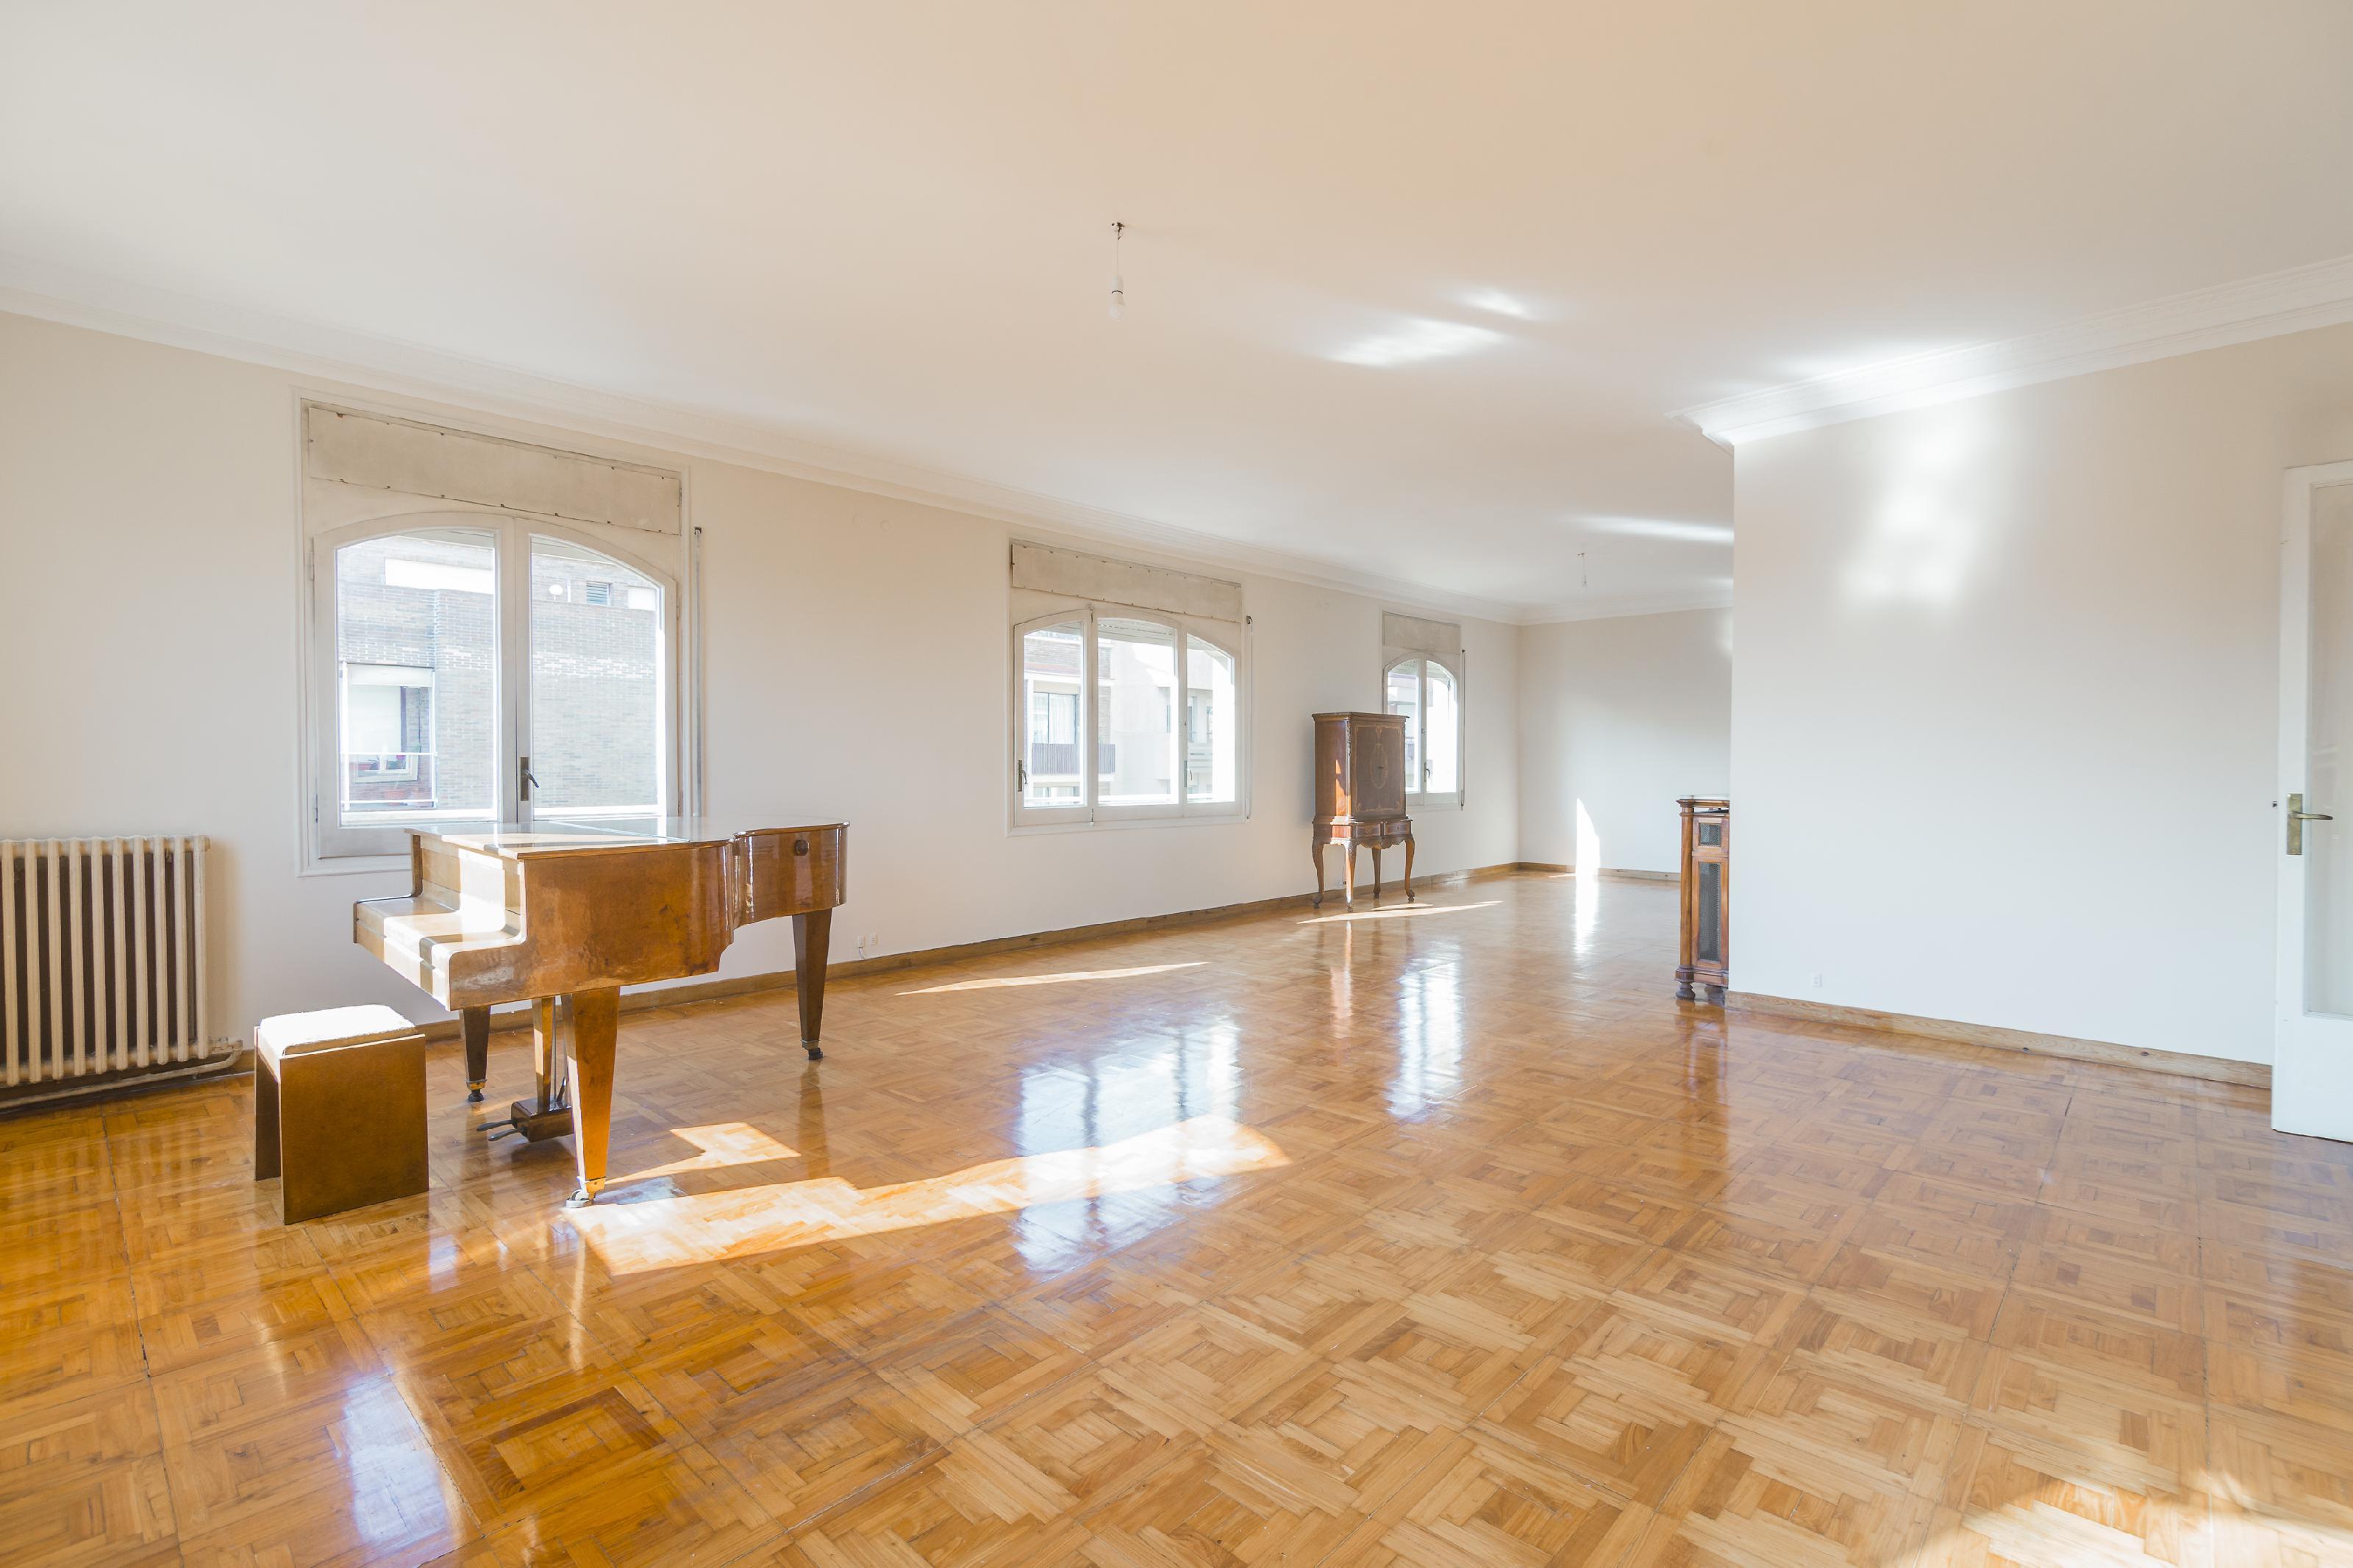 246643 Penthouse for sale in Sarrià-Sant Gervasi, St. Gervasi-Bonanova 3